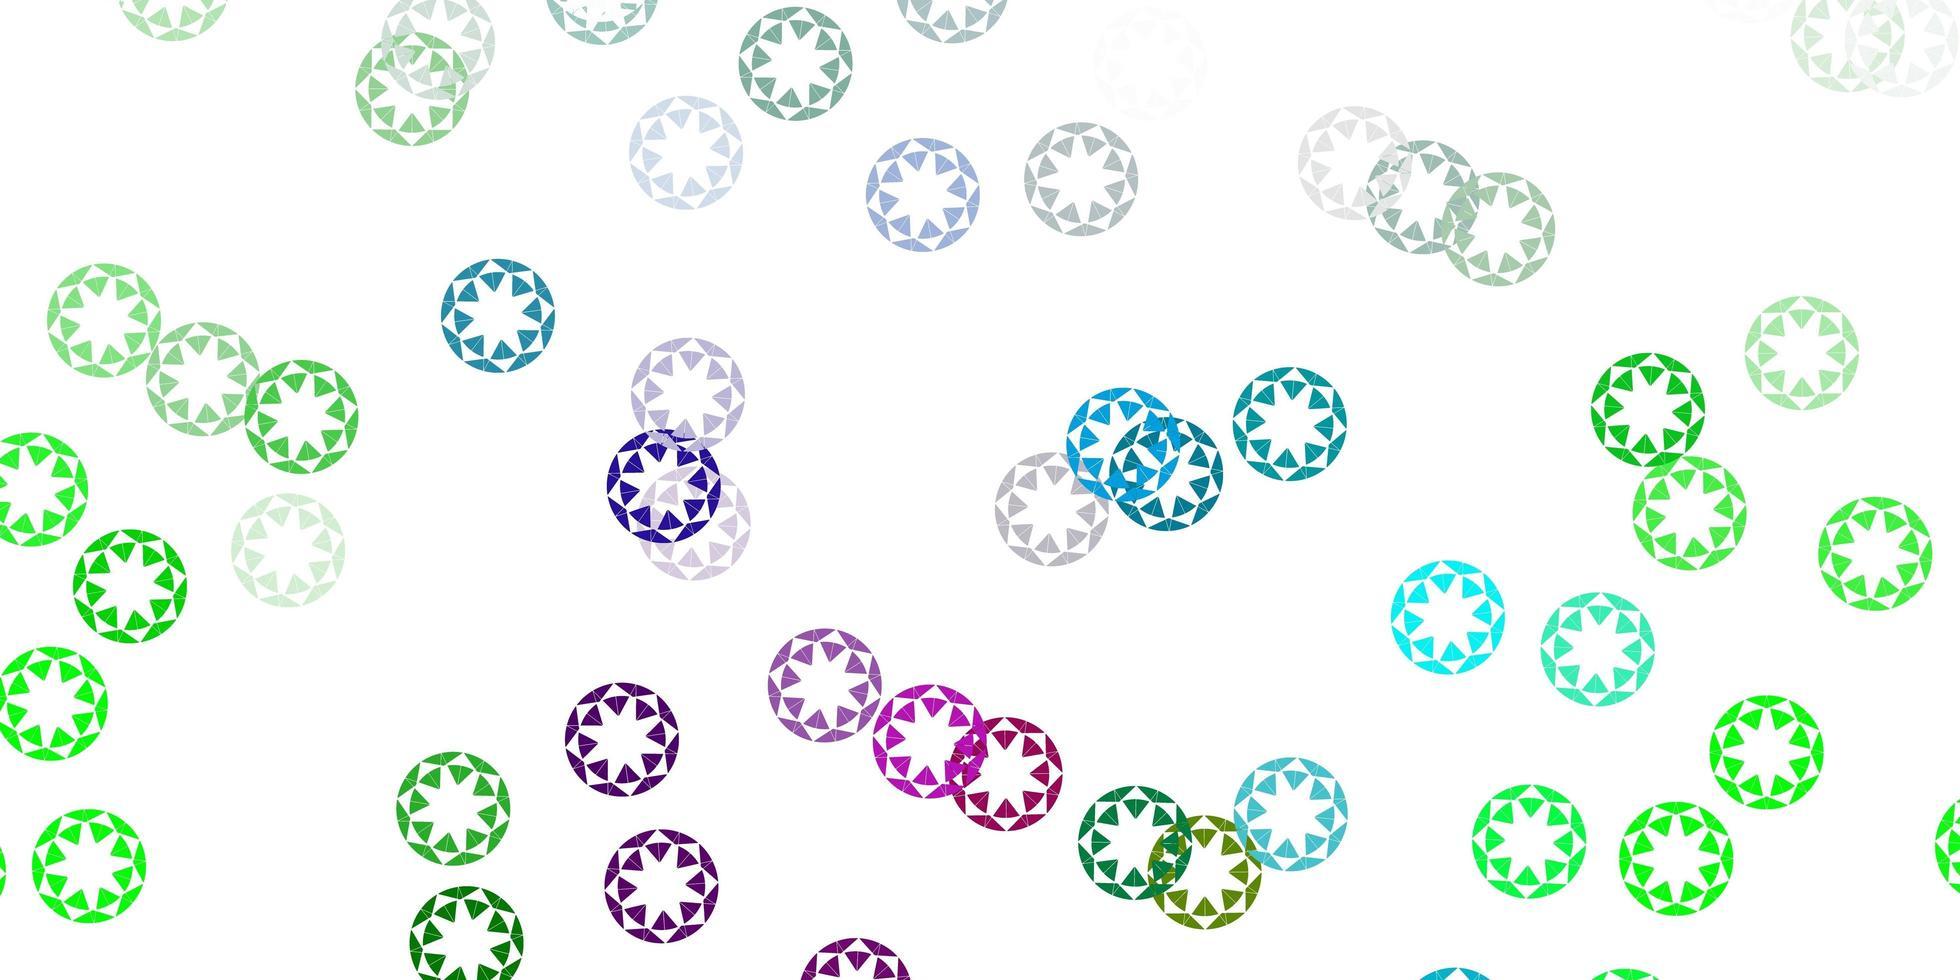 modèle vectoriel rose clair, vert avec des sphères.